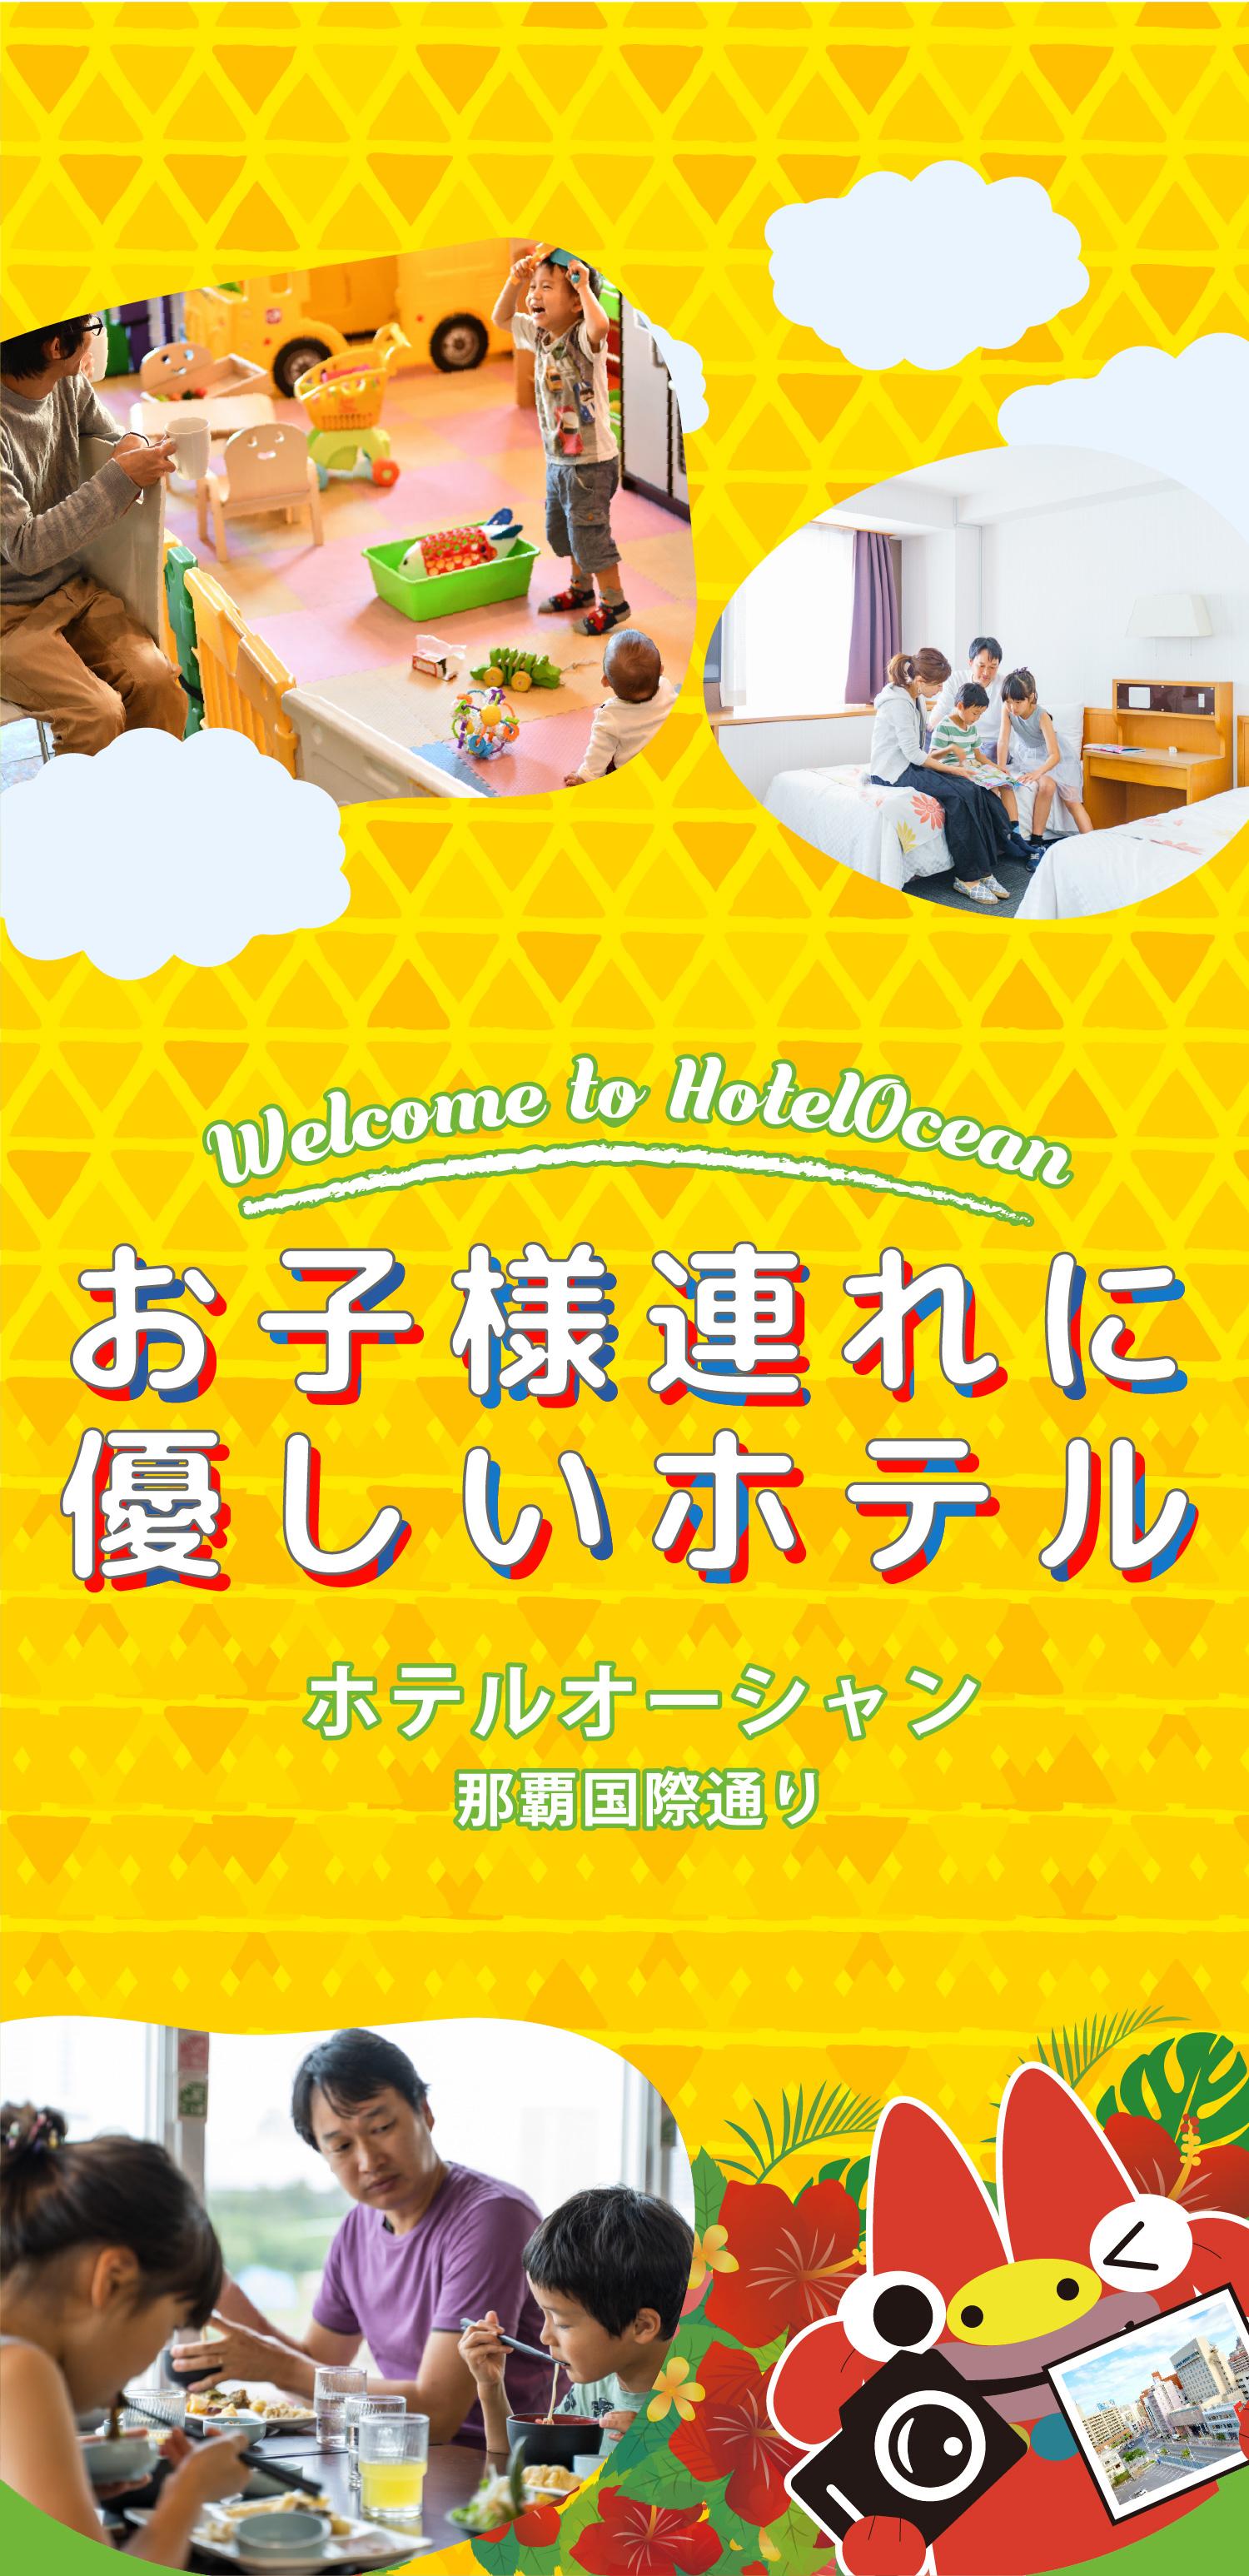 お子様連れに優しいホテル ホテルオーシャン那覇国際通り